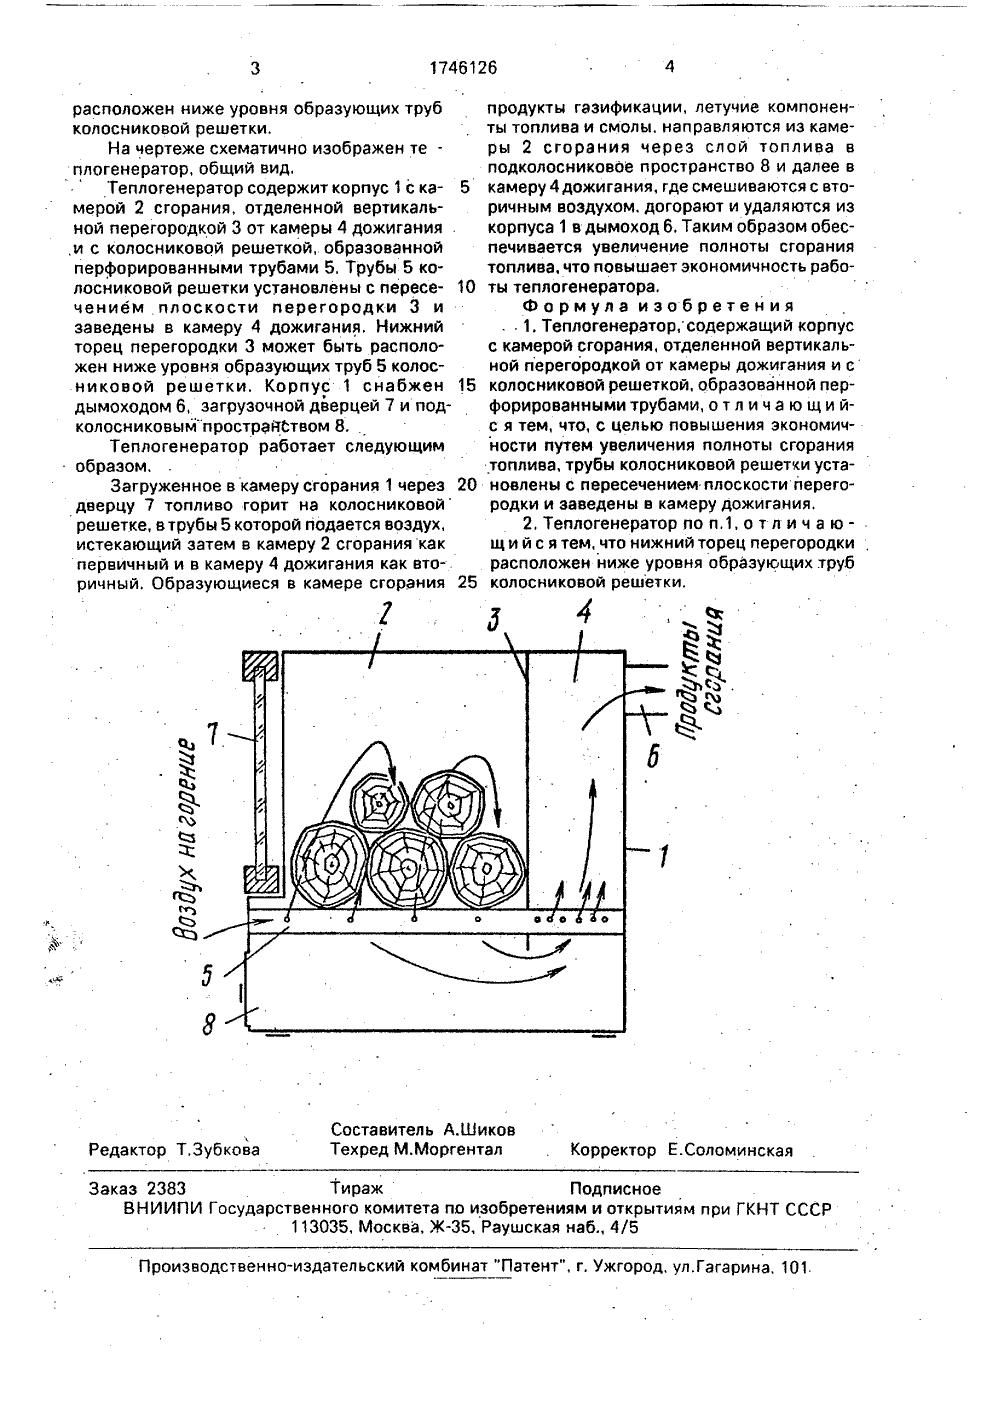 Схема теплогенератора